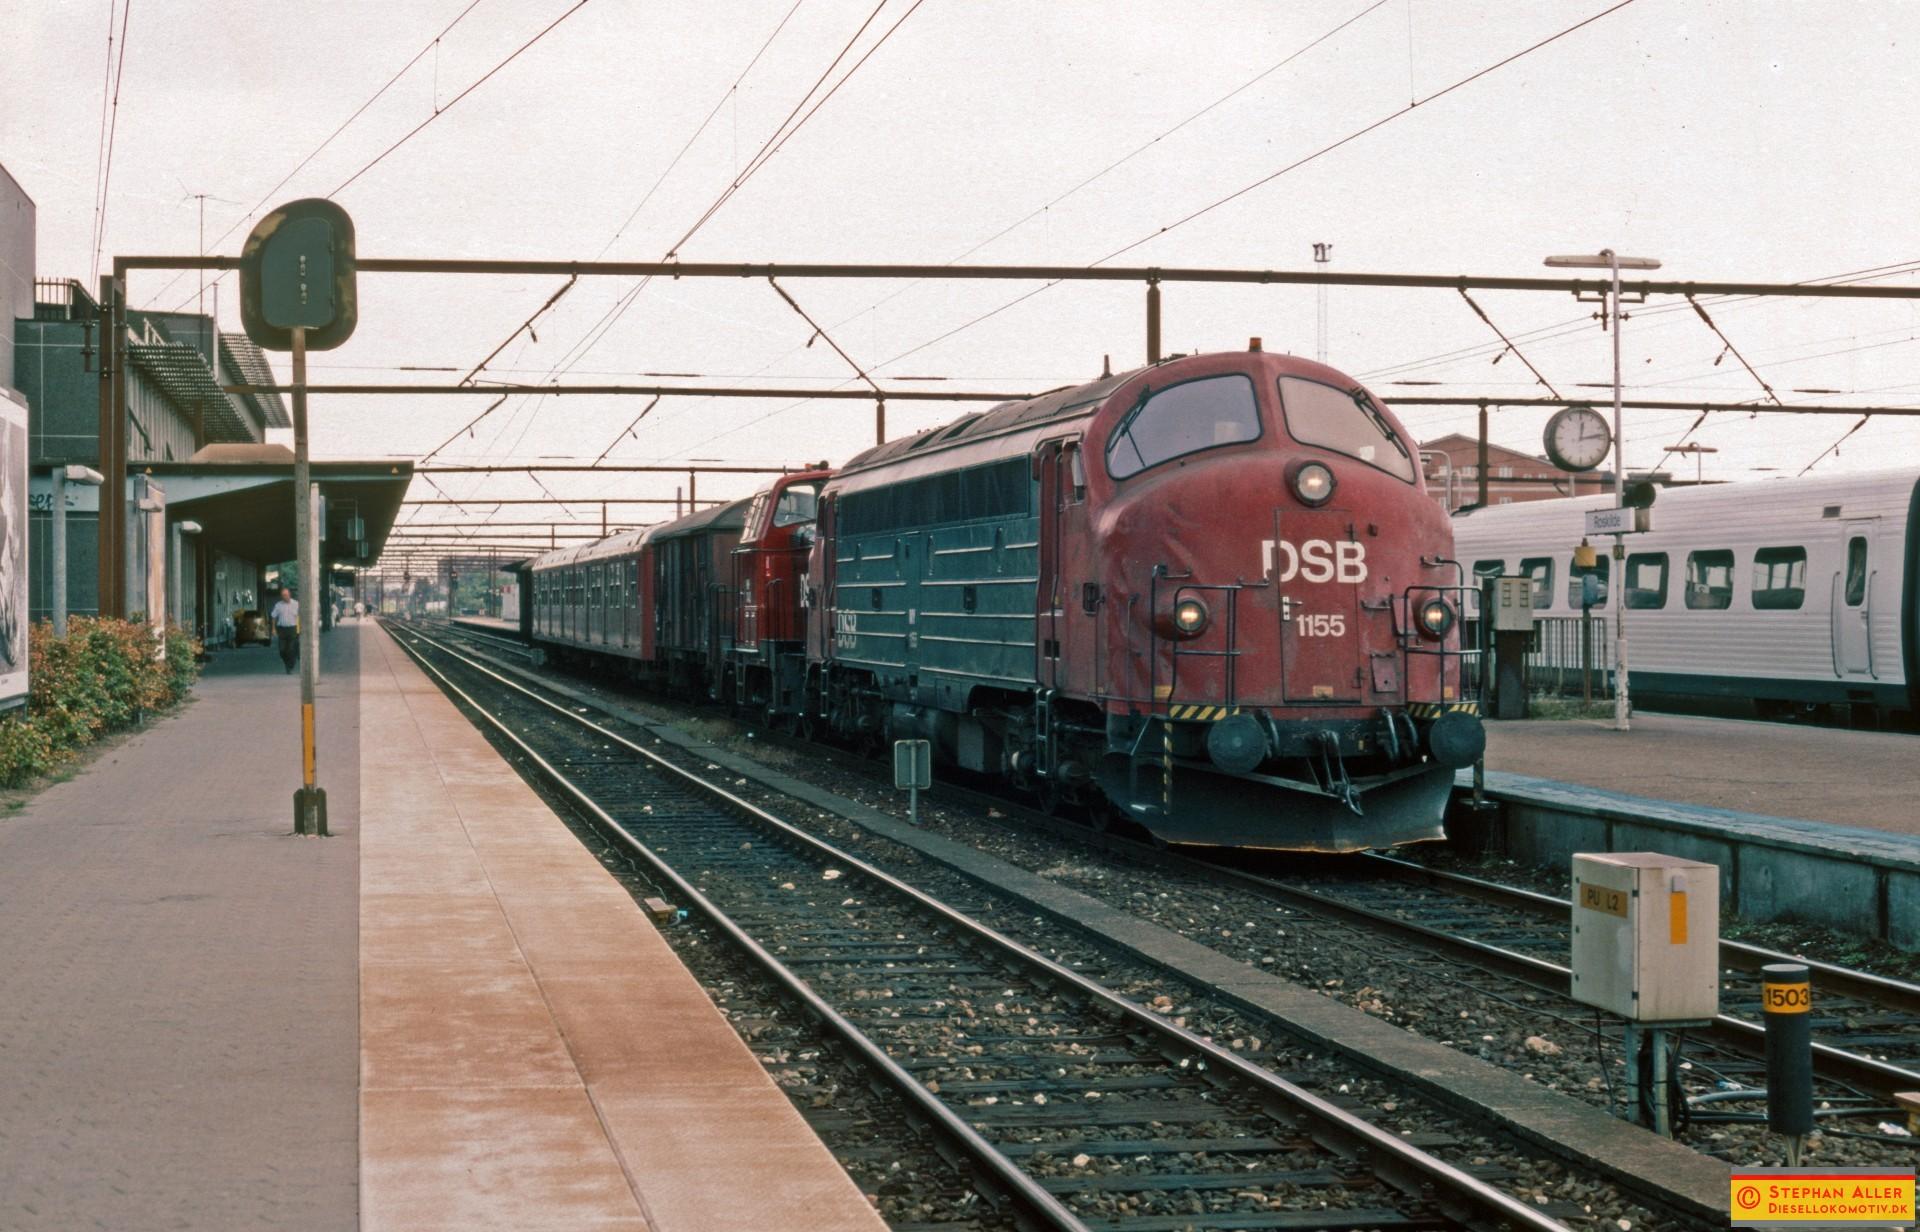 FP0665r